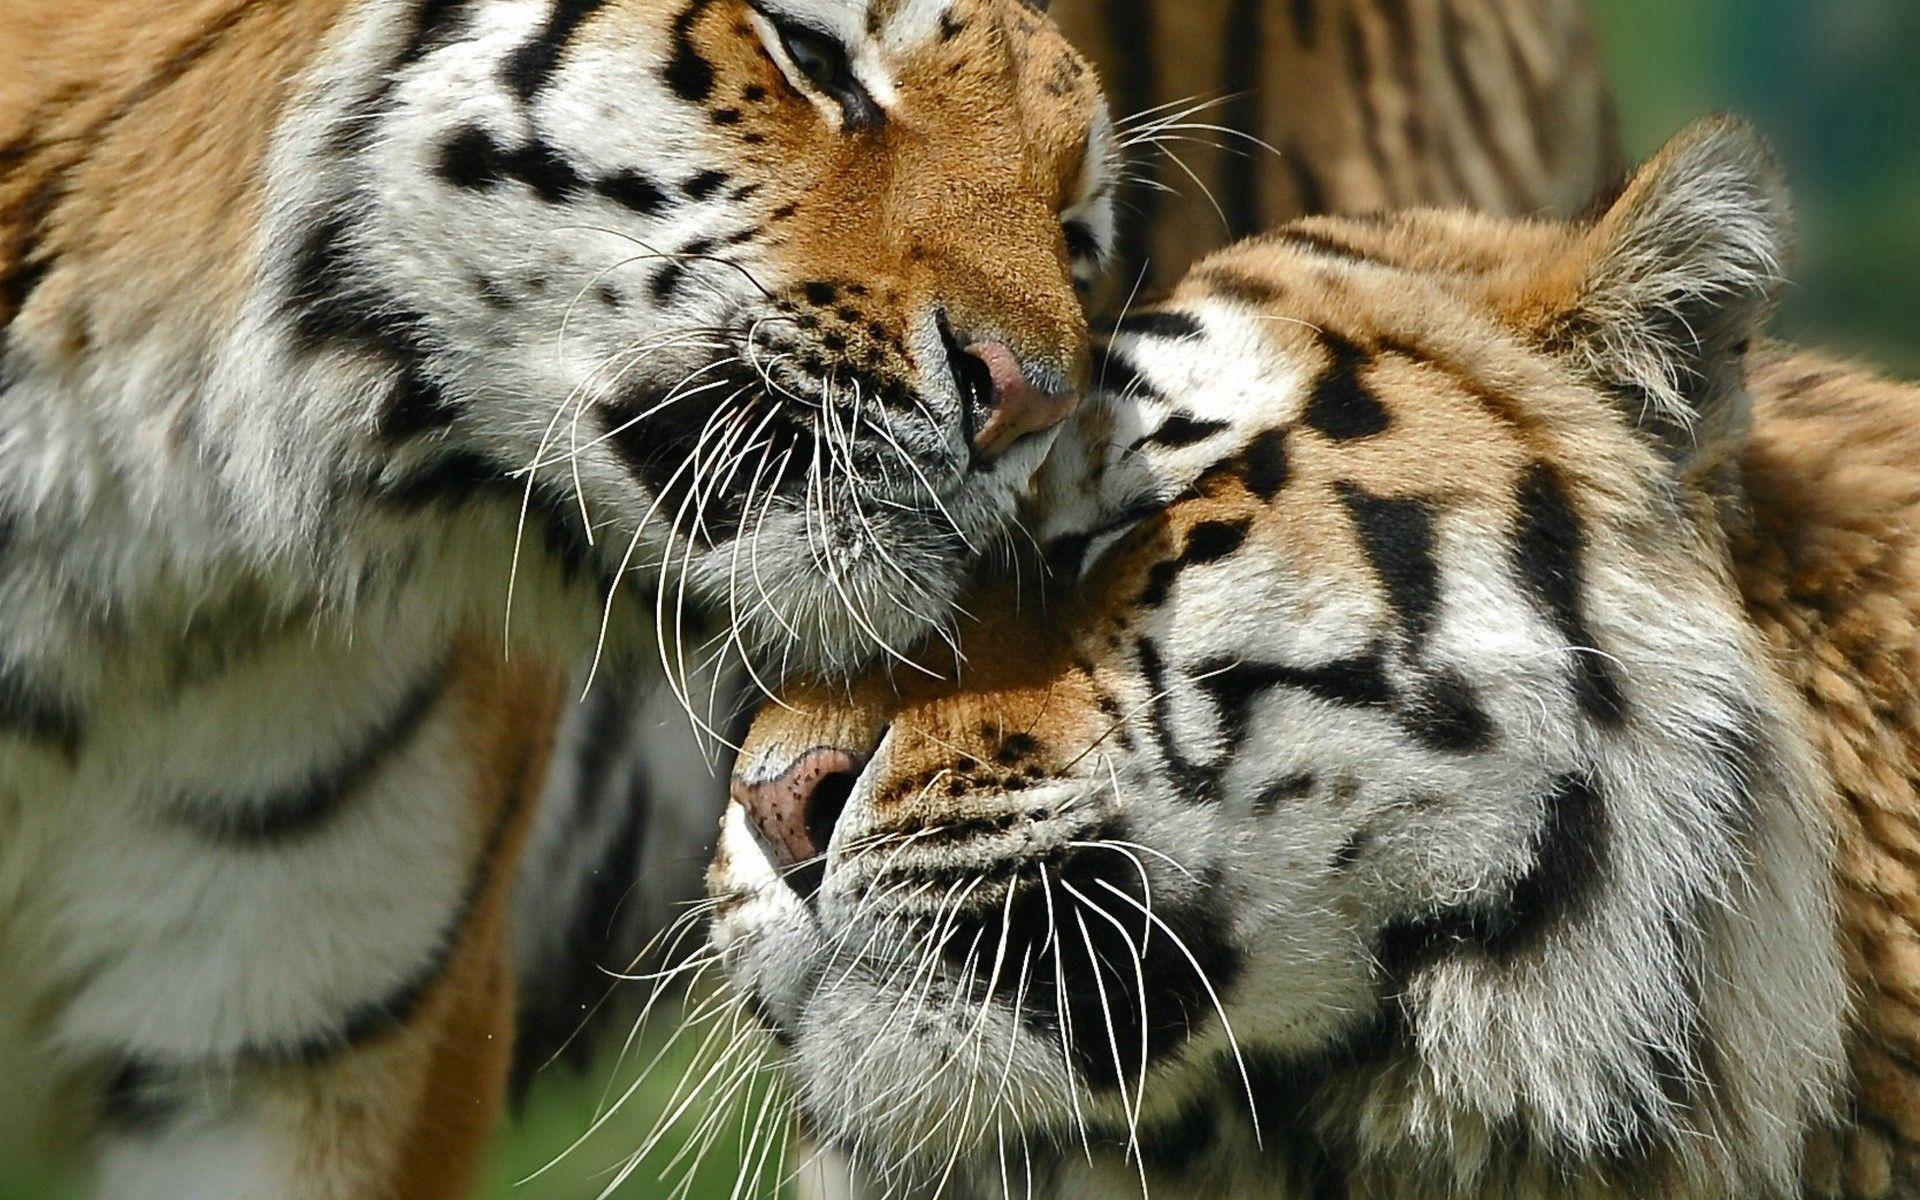 141057壁紙のダウンロード動物, カップル, 双, ラブ, お手入れ, 丁寧, 大きな猫, ビッグキャット, 阪神タイガース-スクリーンセーバーと写真を無料で